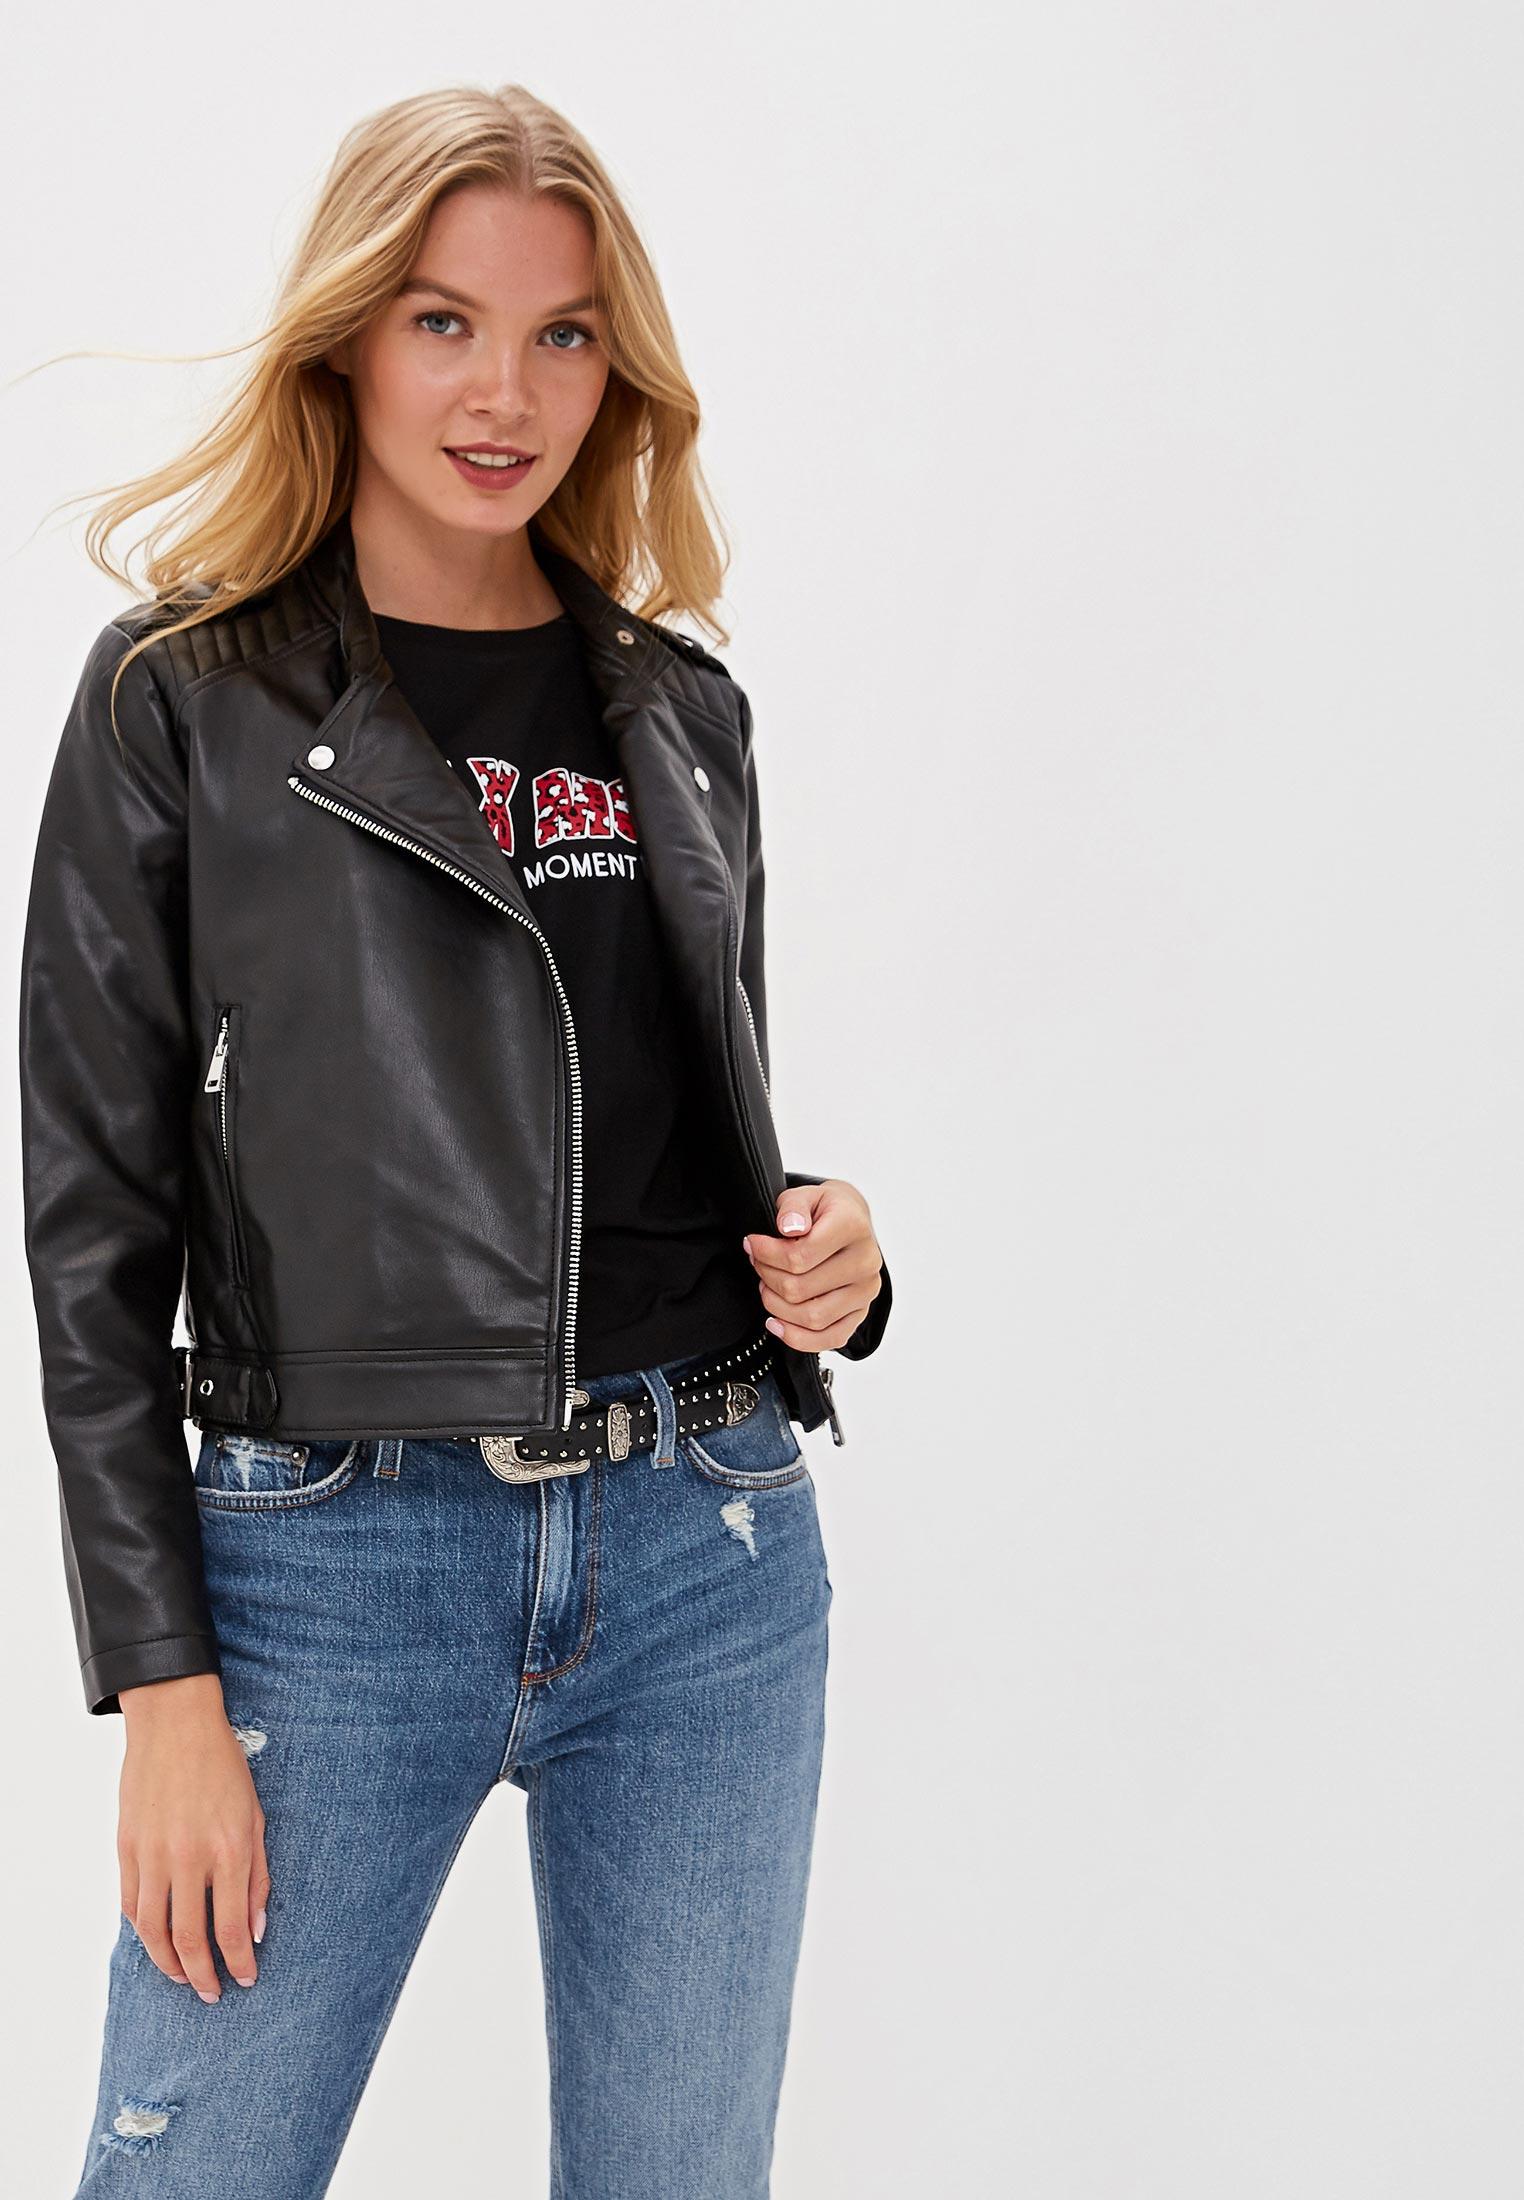 Куртка кожаная, Colin's, цвет: черный. Артикул: MP002XW0RHDA. Одежда / Верхняя одежда / Косухи